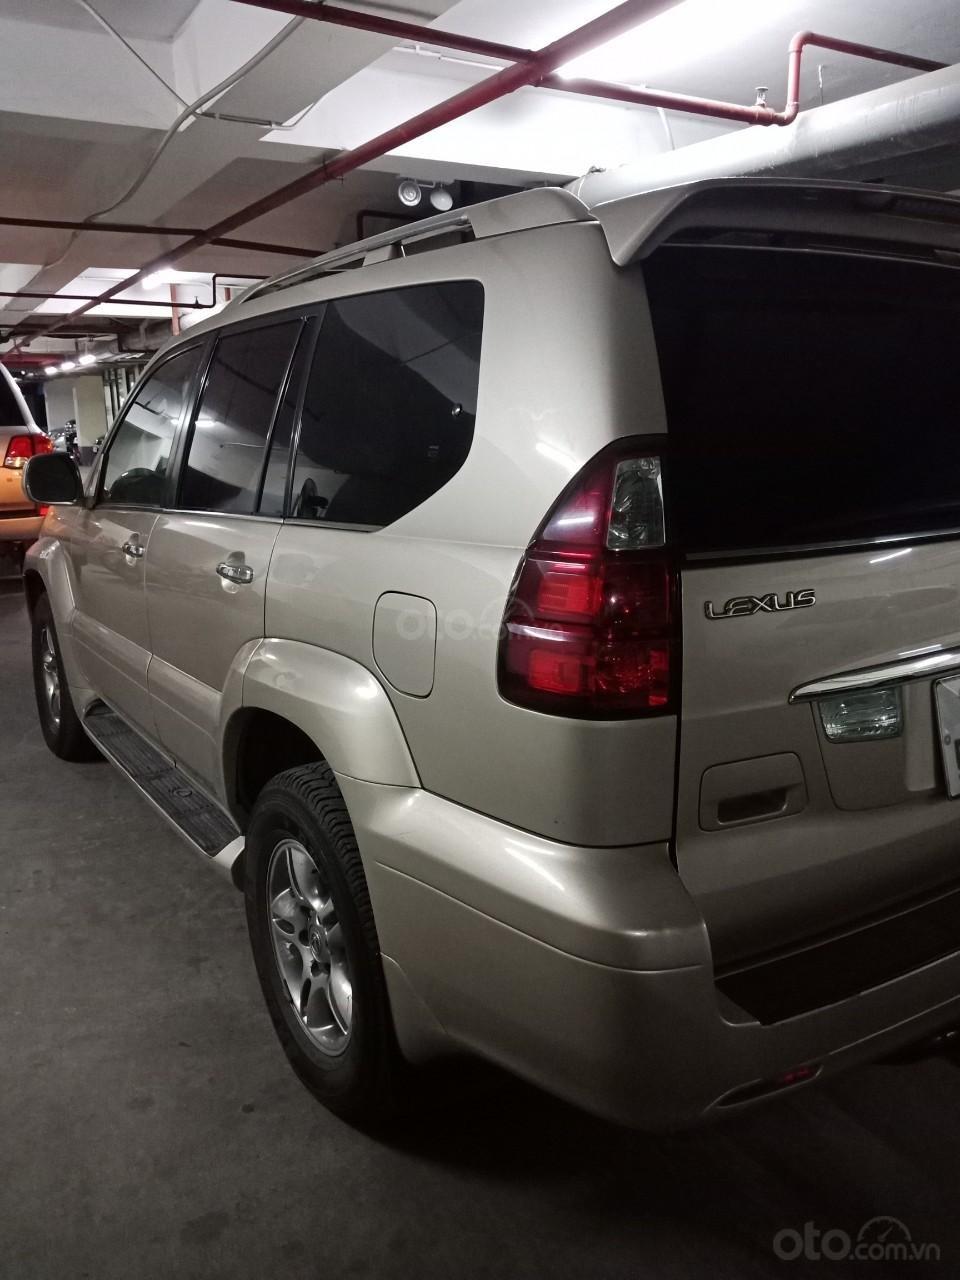 Cần bán Lexus GX 470 đời 2007, màu vàng cát, nhập Mỹ (11)